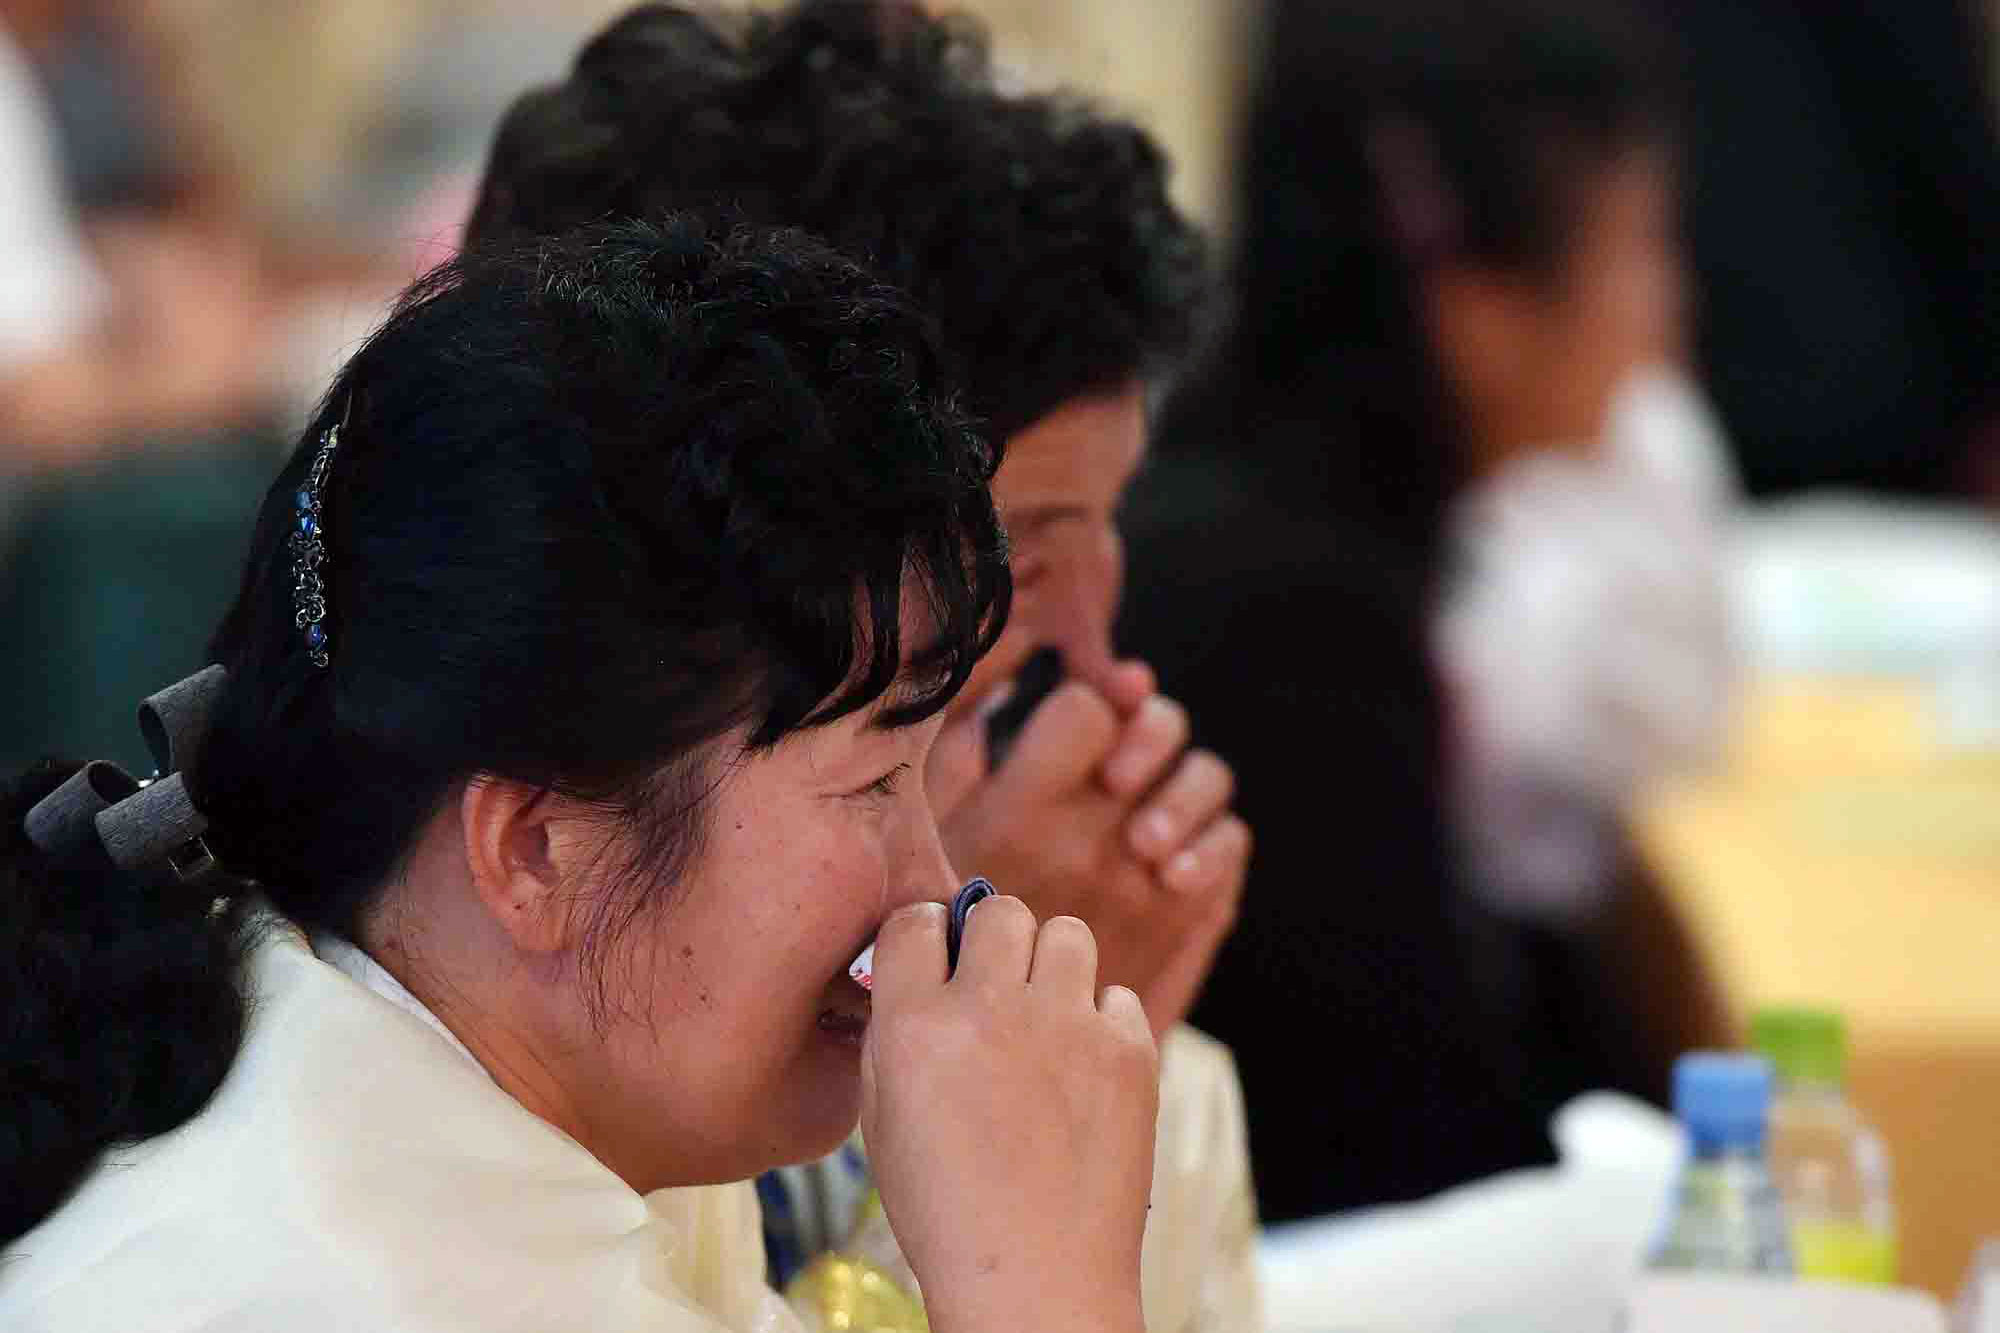 제21차 남북 이산가족 상봉 행사 이틀째인 21일 금강산호텔에서 열린 단체상봉 행사에서 남측 백민준(93) 할아버지의 북측 며느리 리복덕(63), 손녀 백향심(35) 씨가 눈물을 훔치고 있다. 사진공동취재단